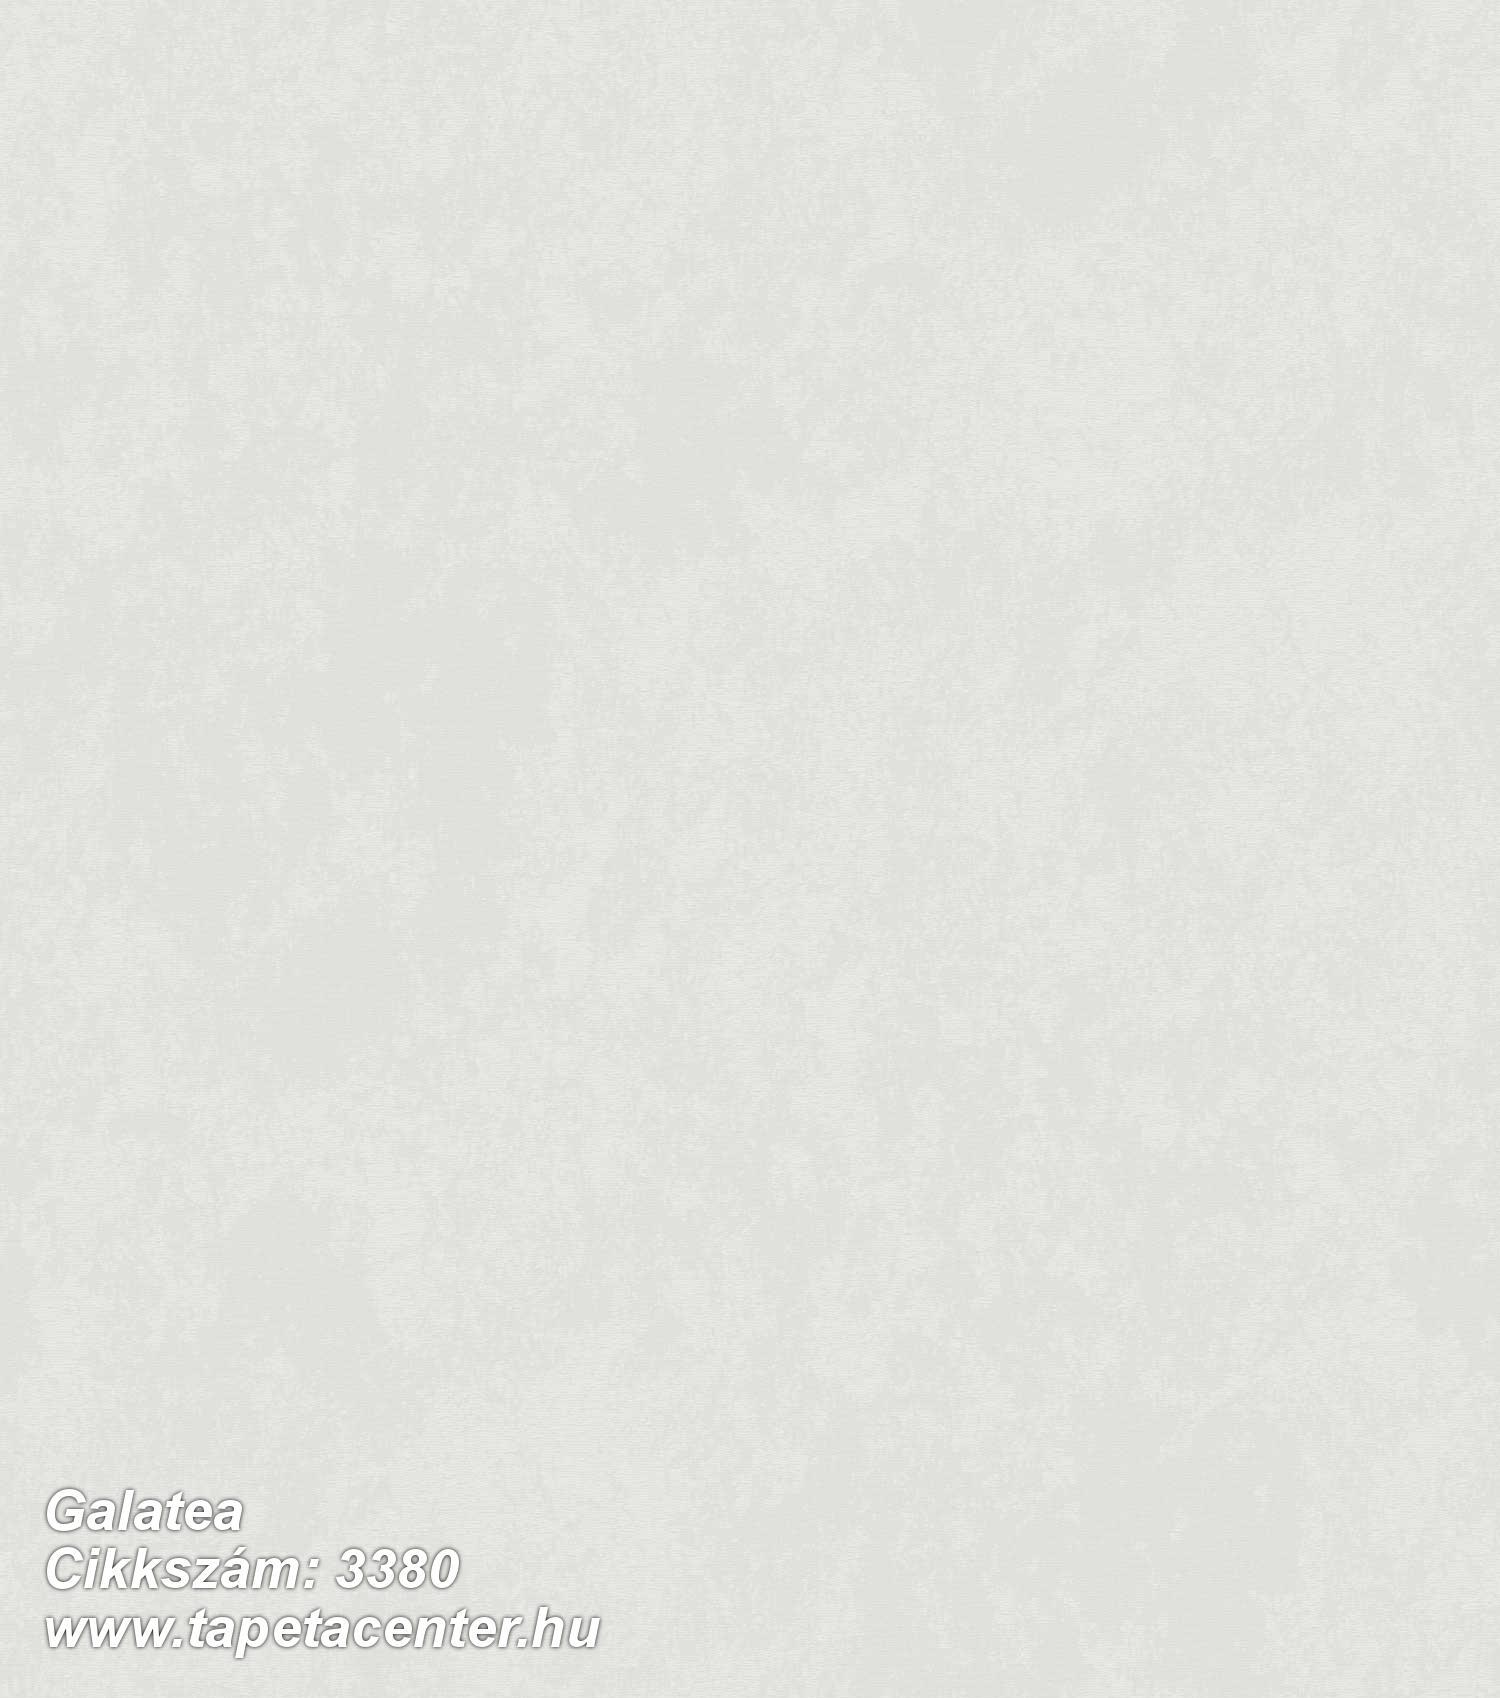 Galatea - 3380 Olasz tapéta